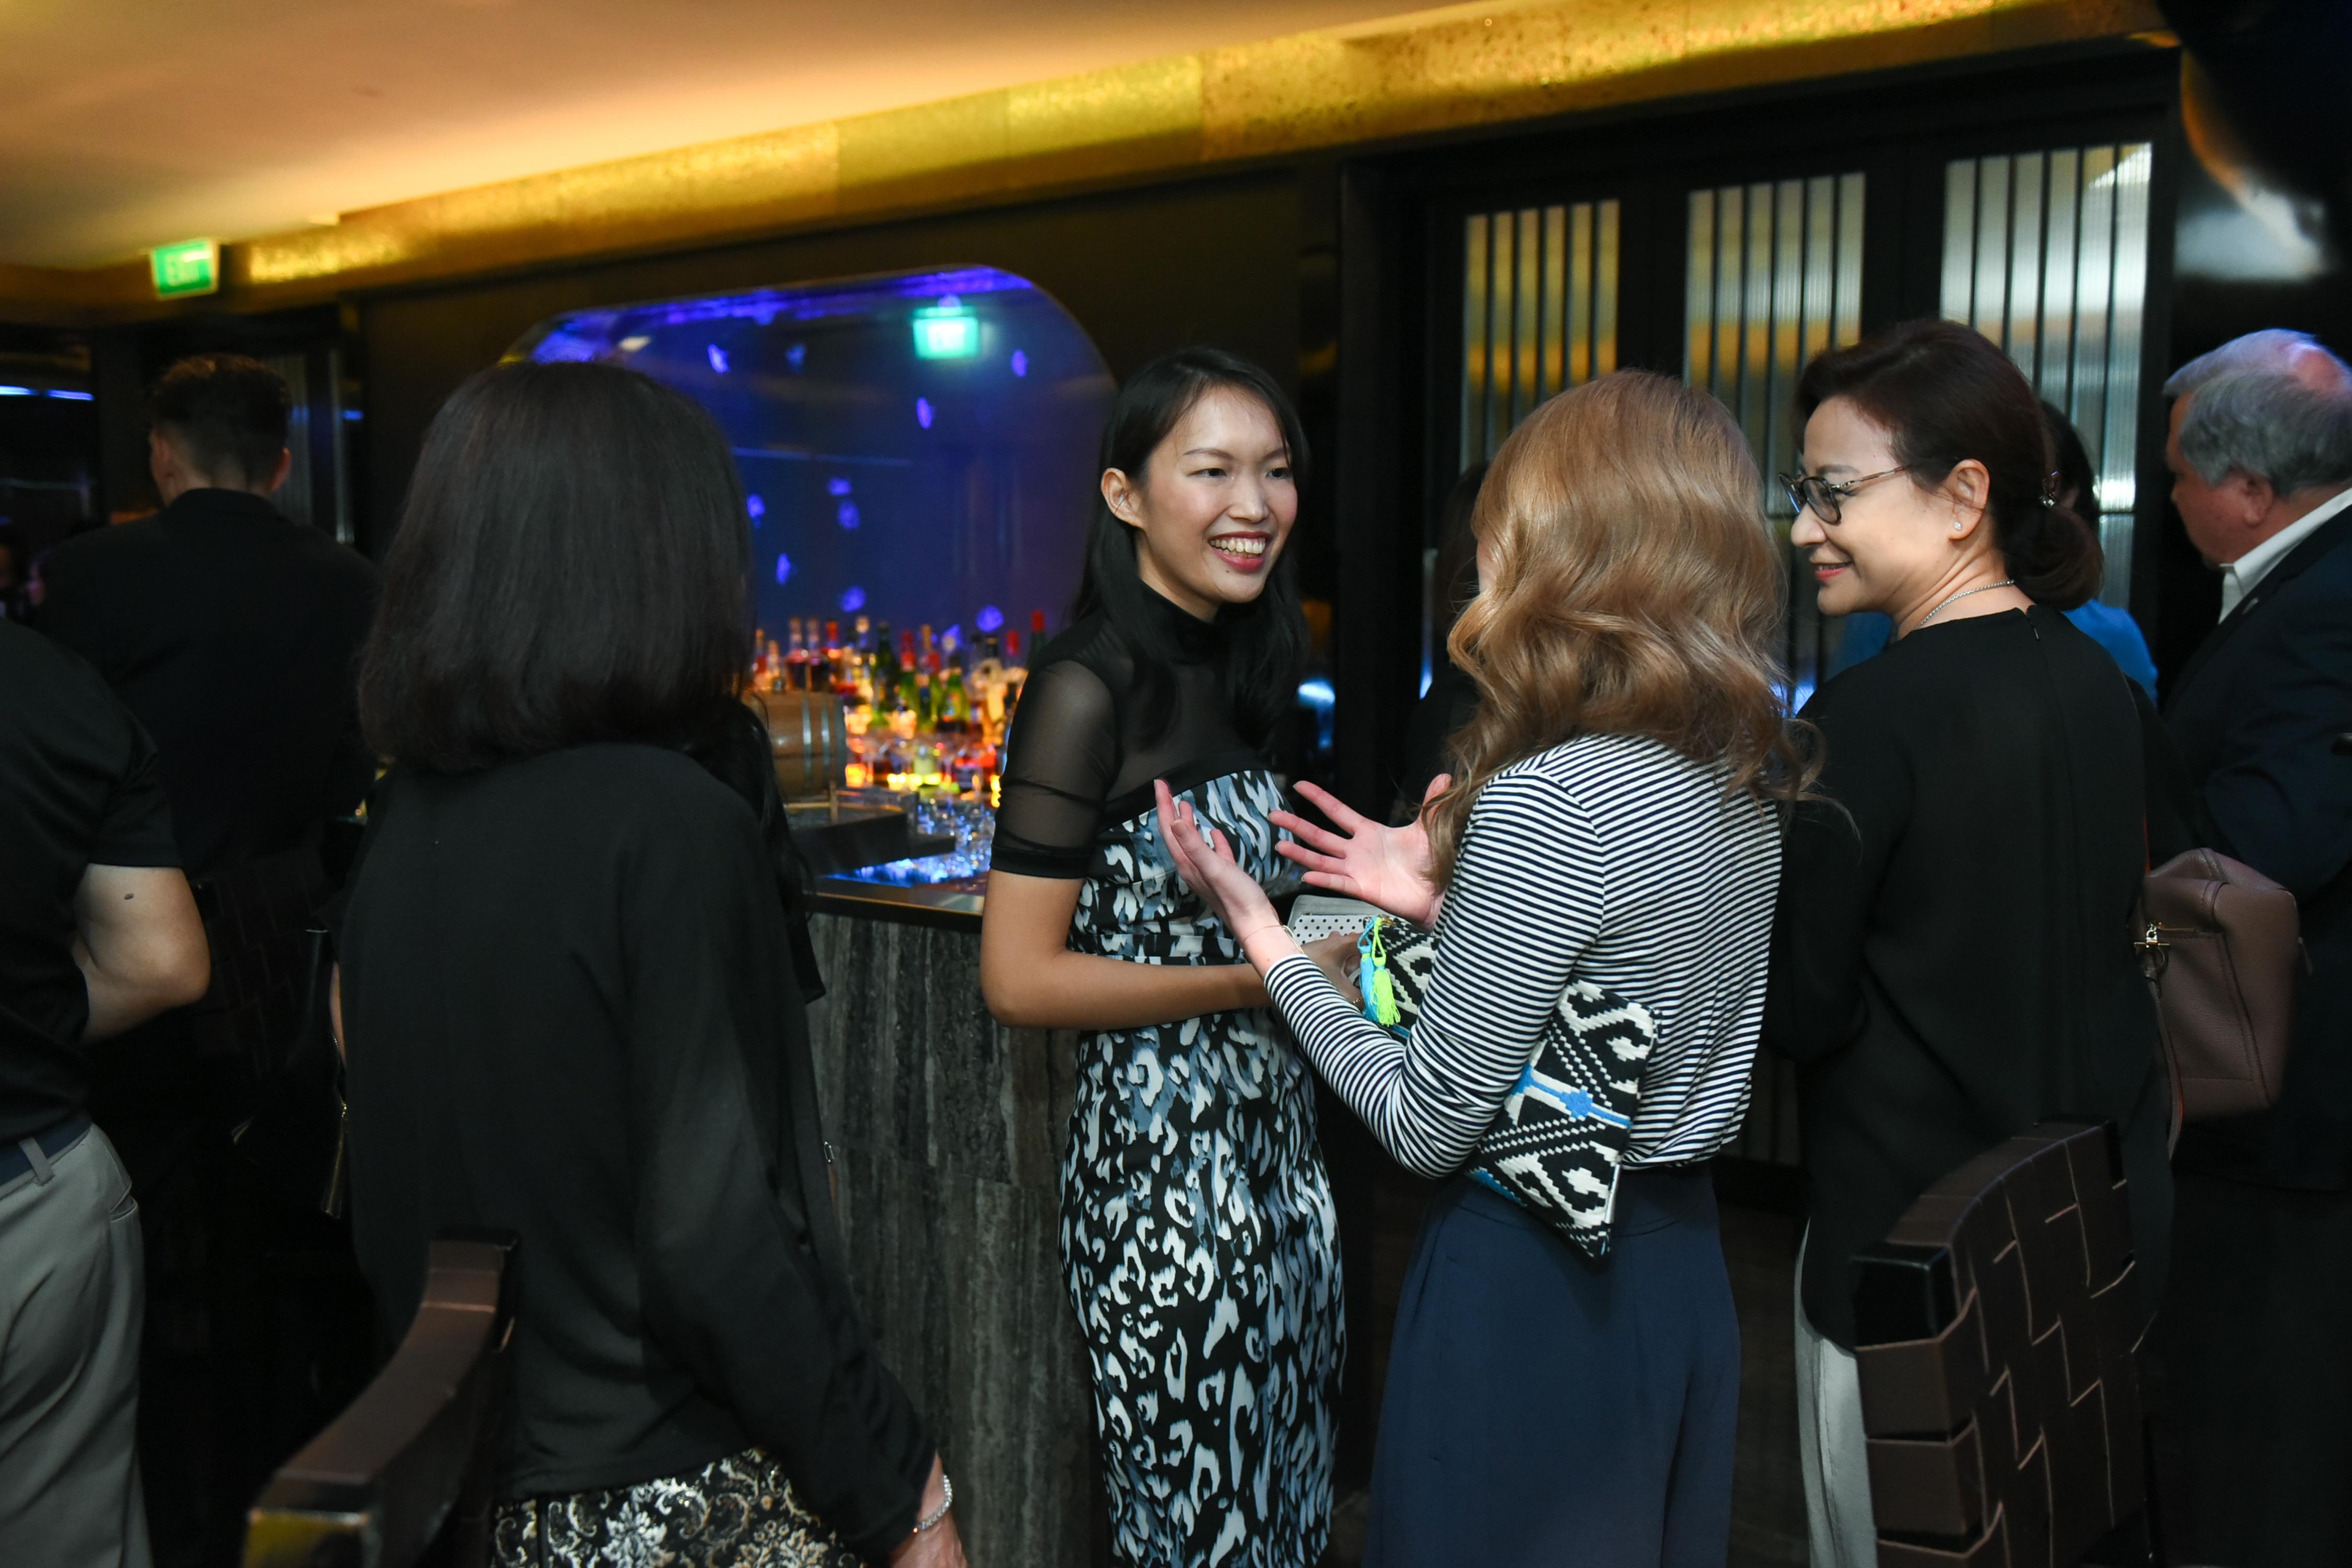 Cheryl Chung, Sharon Chua, Irene Chua